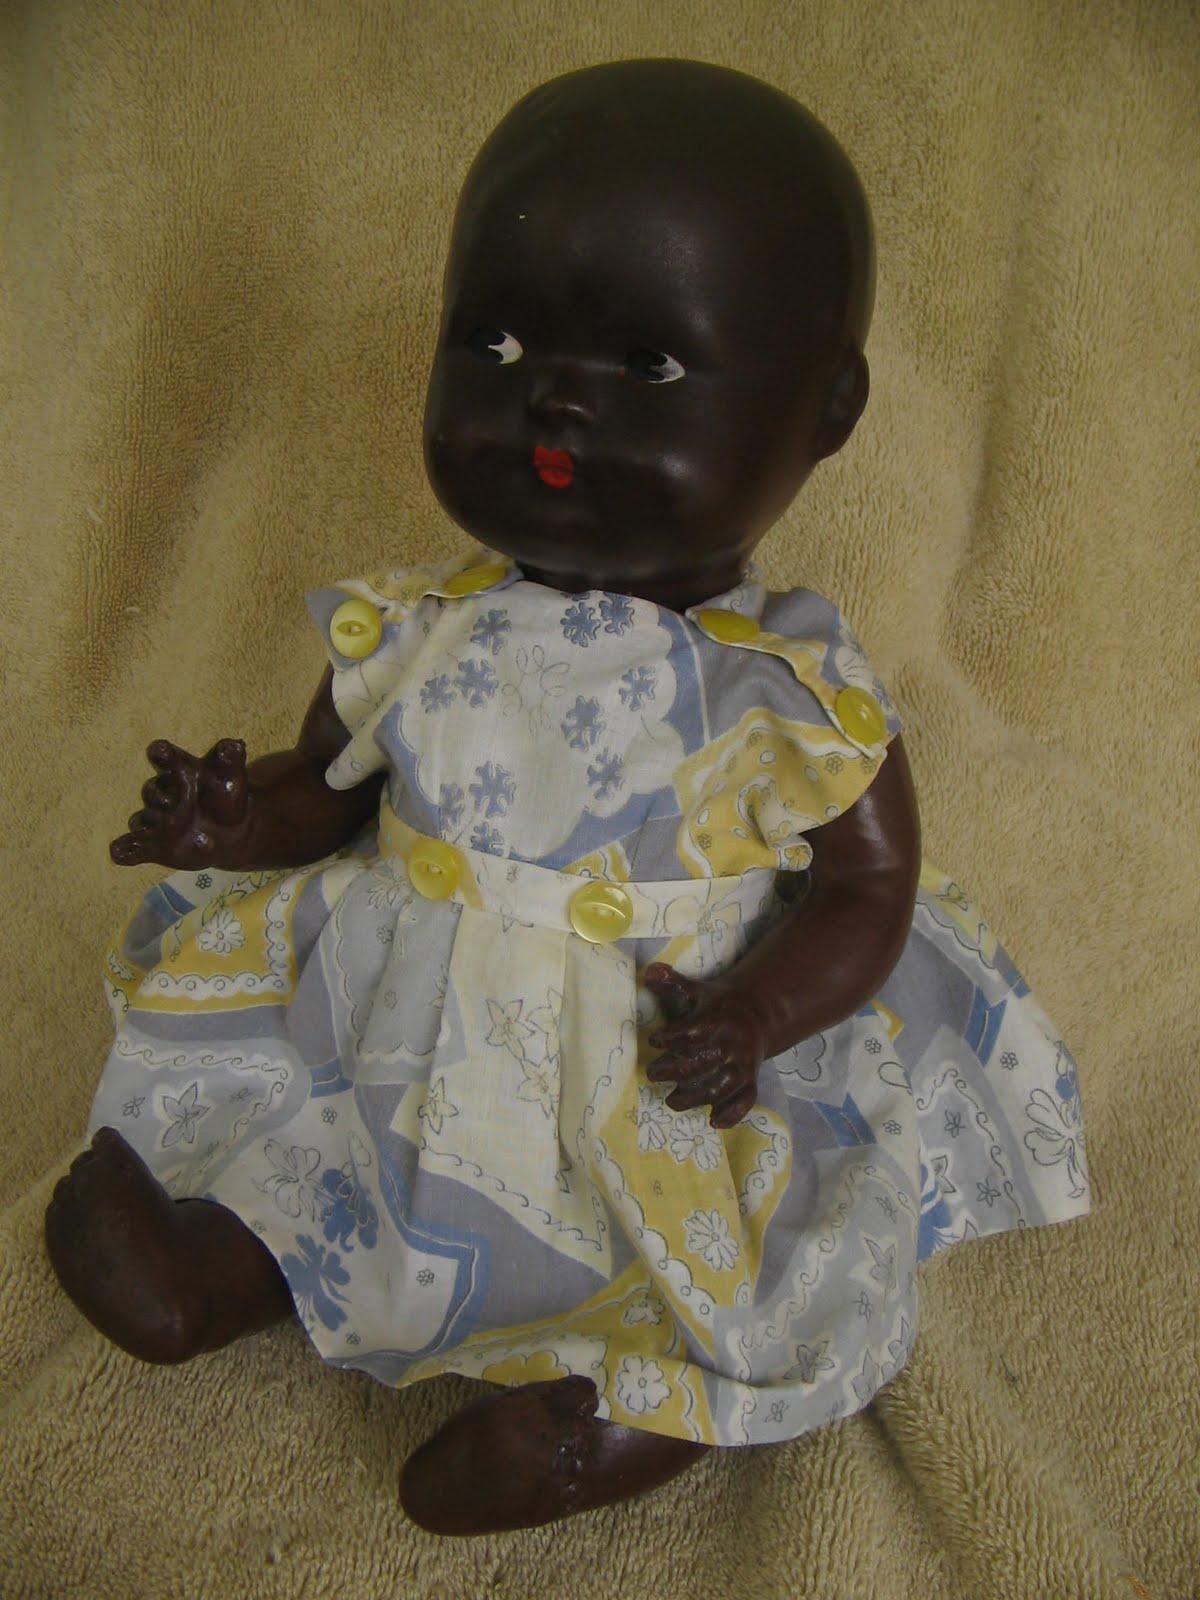 Antique Amp Vintage Dolls Black Bisque Papier Mache Antique Doll